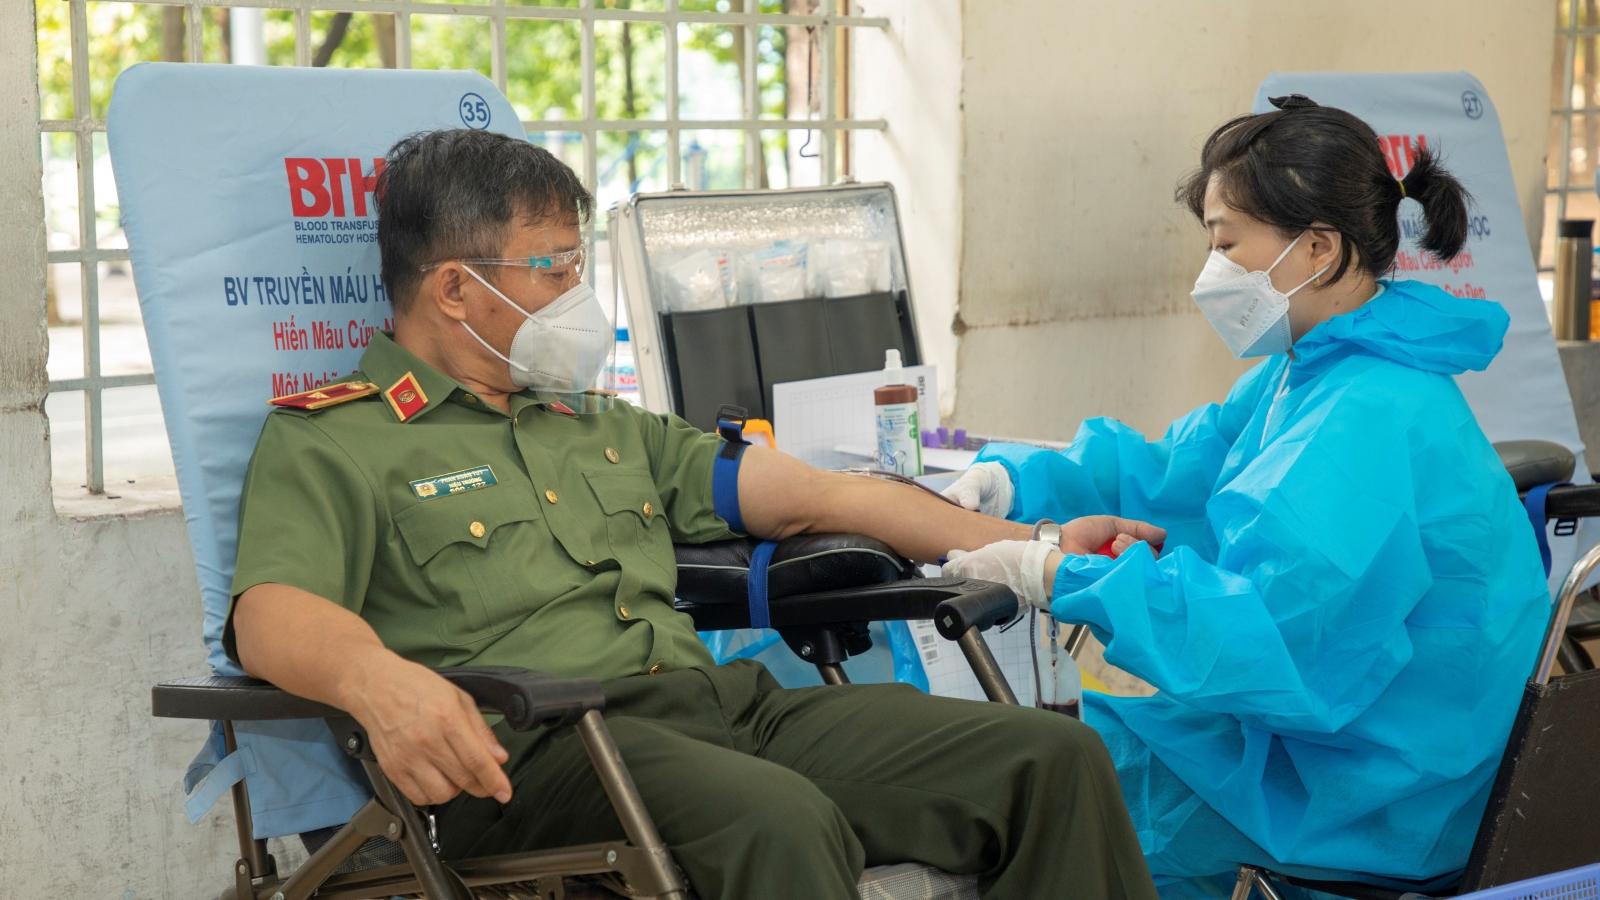 """Đại học ANND tổ chức chương trình """"Giọt máu nghĩa tình, chung tay đẩy lùi dịch COVID-19"""""""